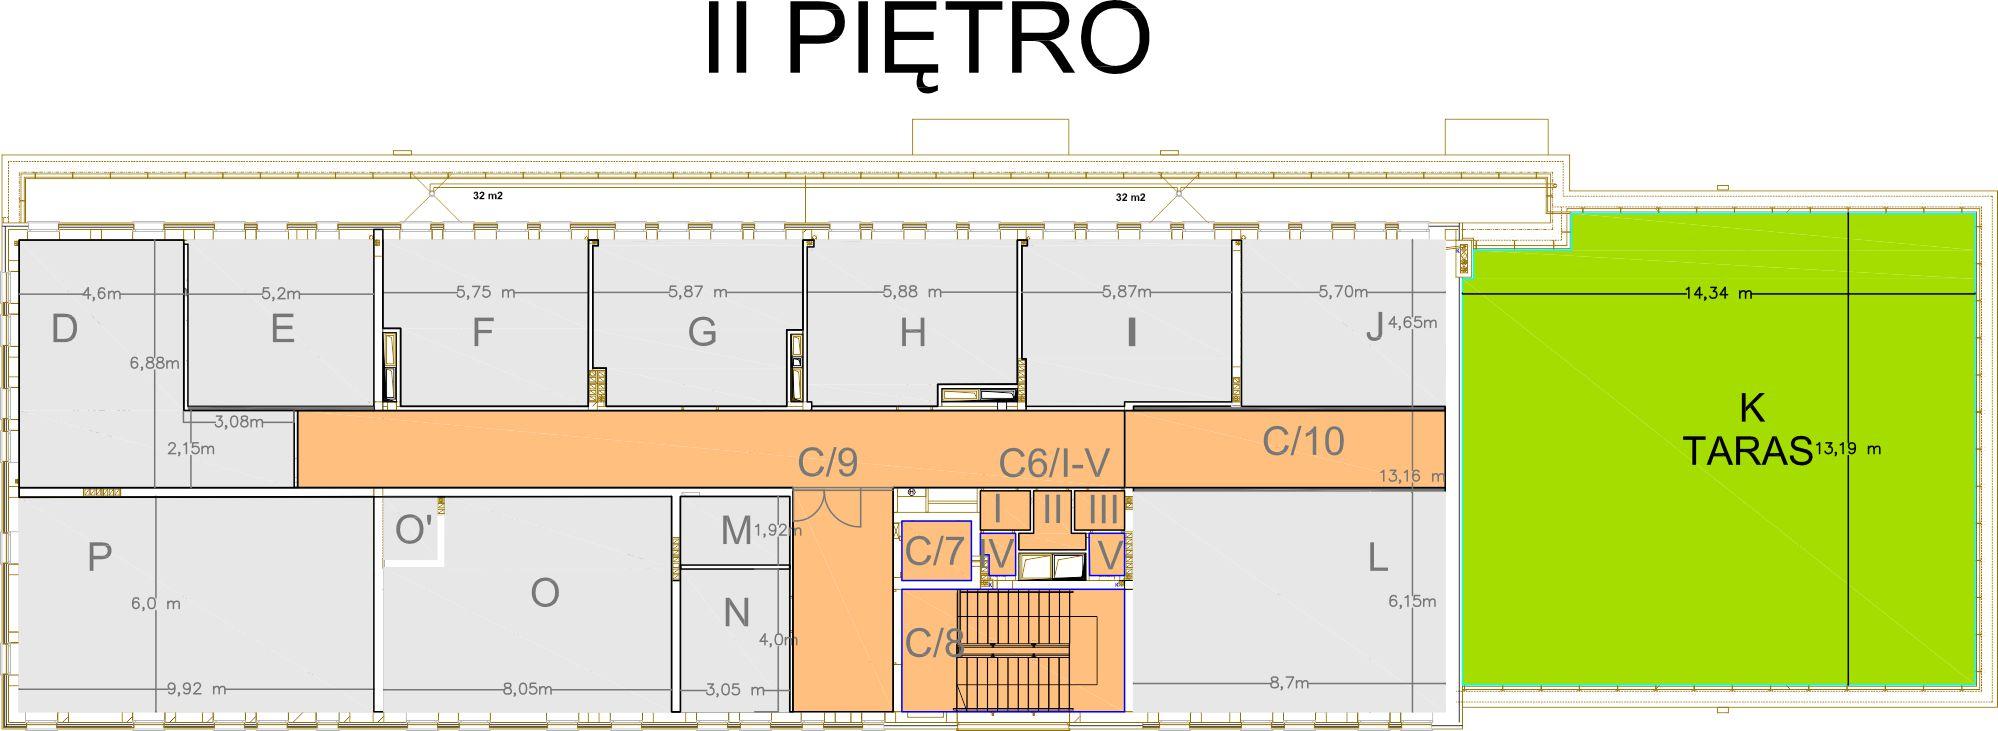 II_pietro_04.09